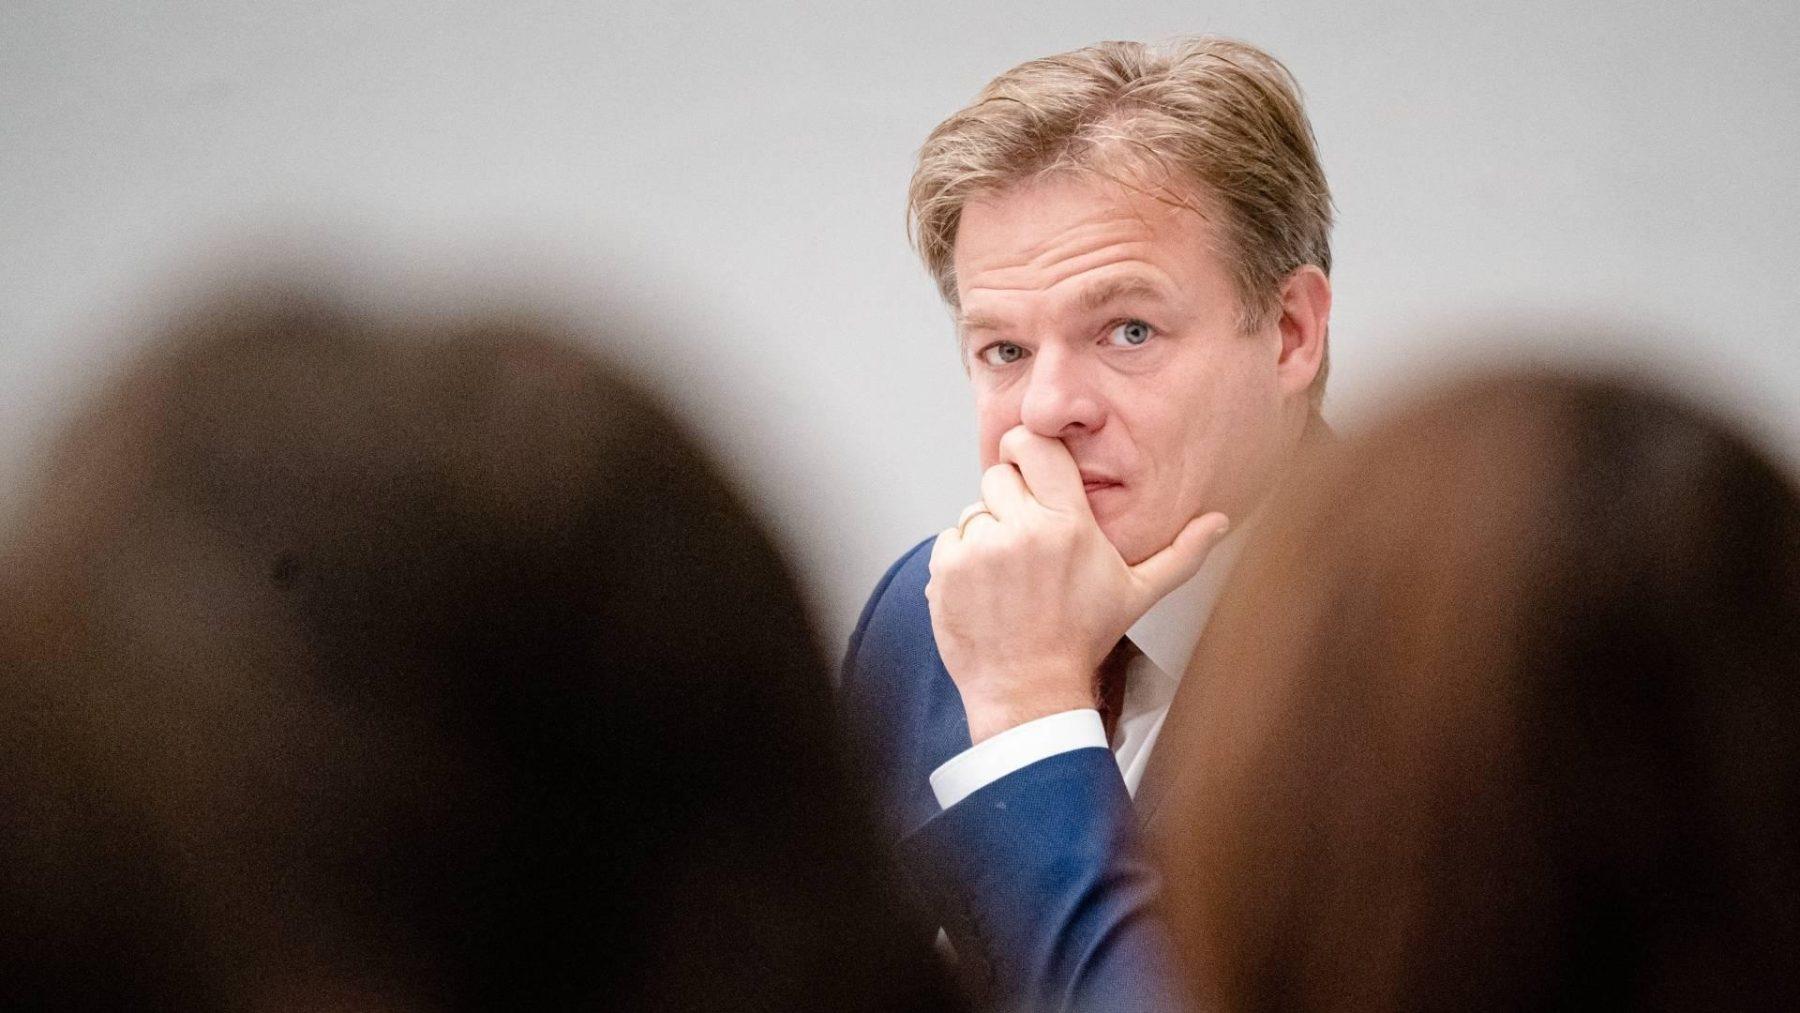 Omtzigt: ik wilde niet meewerken aan persoonlijke aanval op Rutte